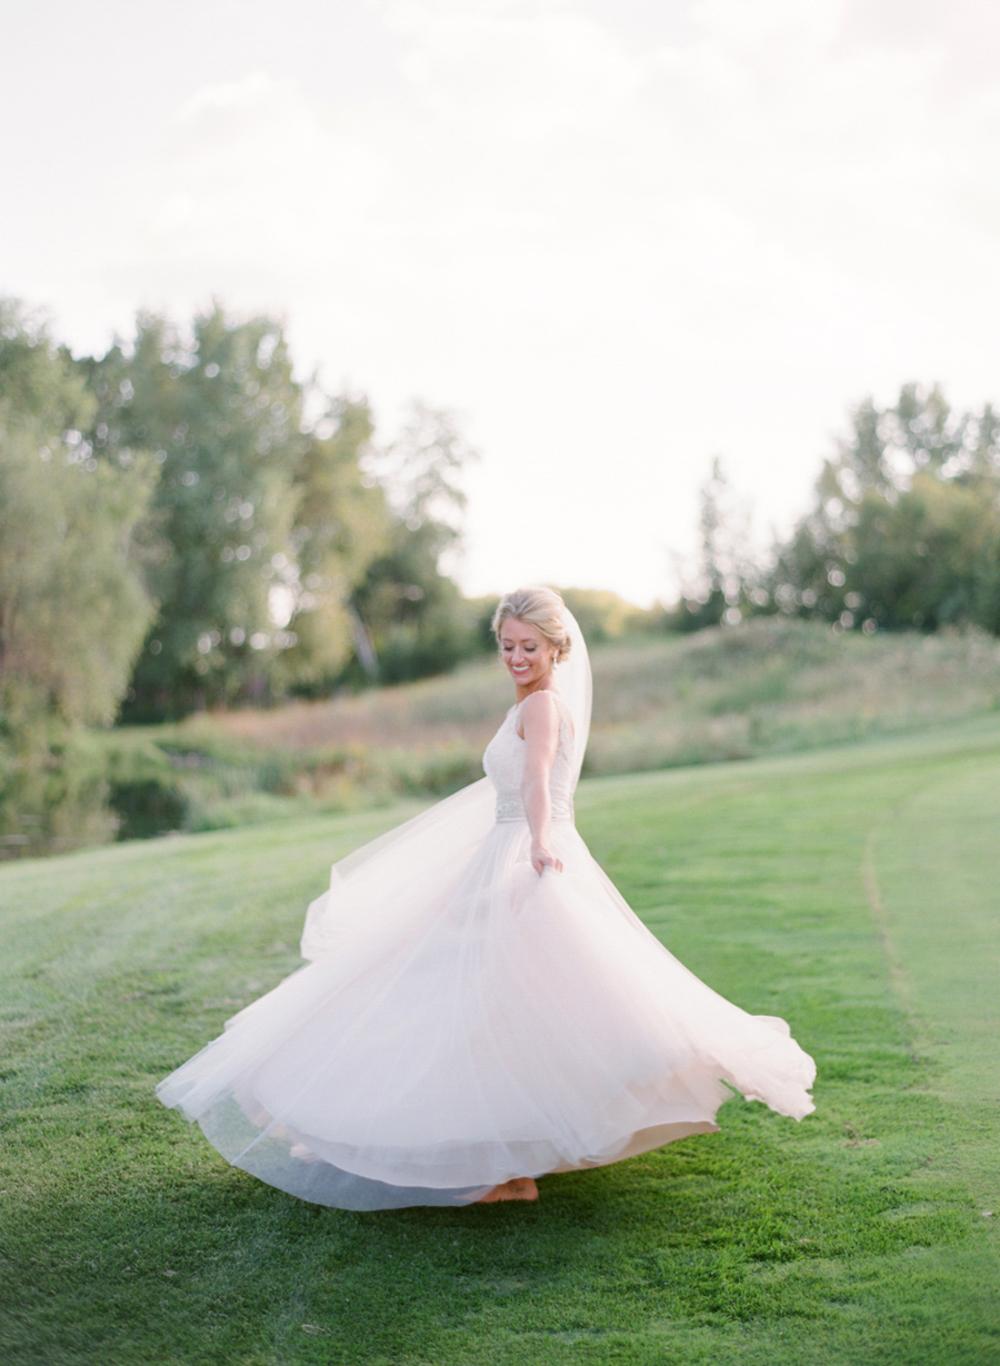 Troy_Burne_Golf_Club_Wedding_Photographer_42.jpg